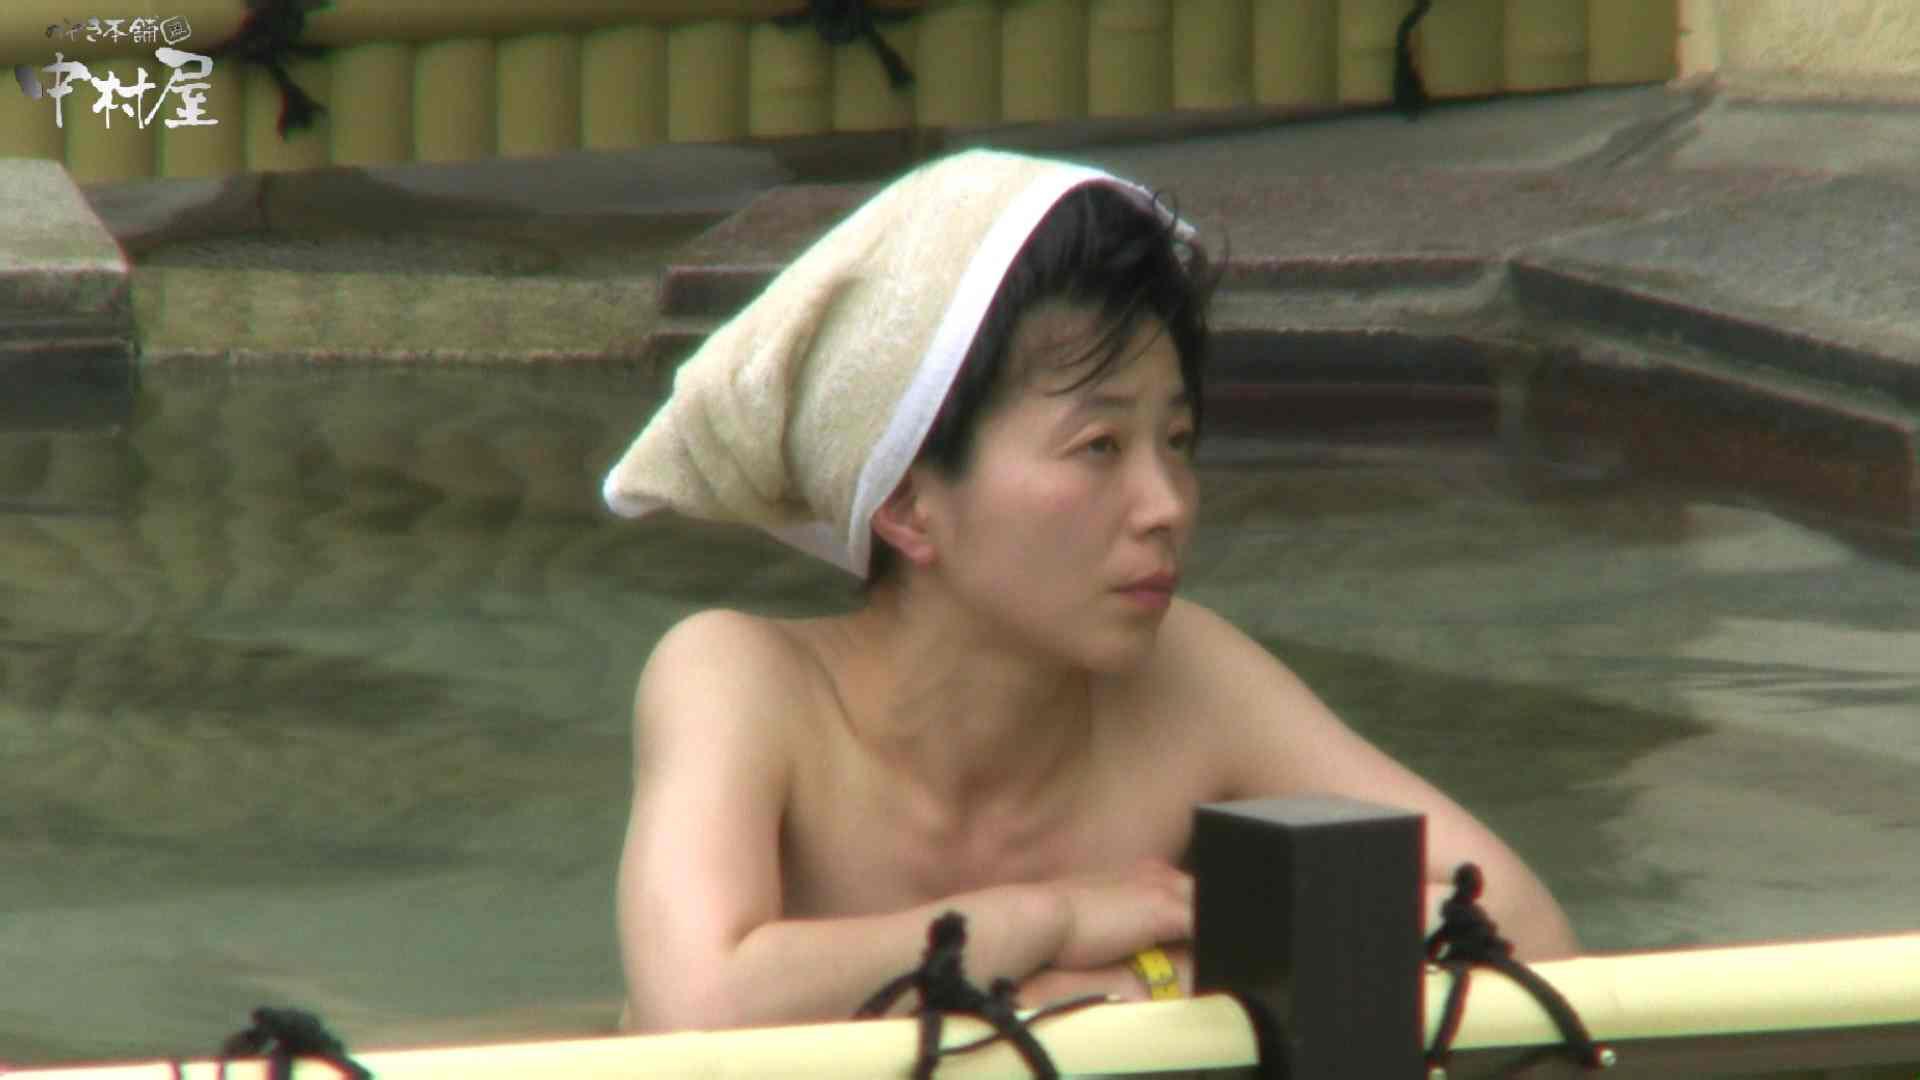 Aquaな露天風呂Vol.950 美しいOLの裸体  75pic 72